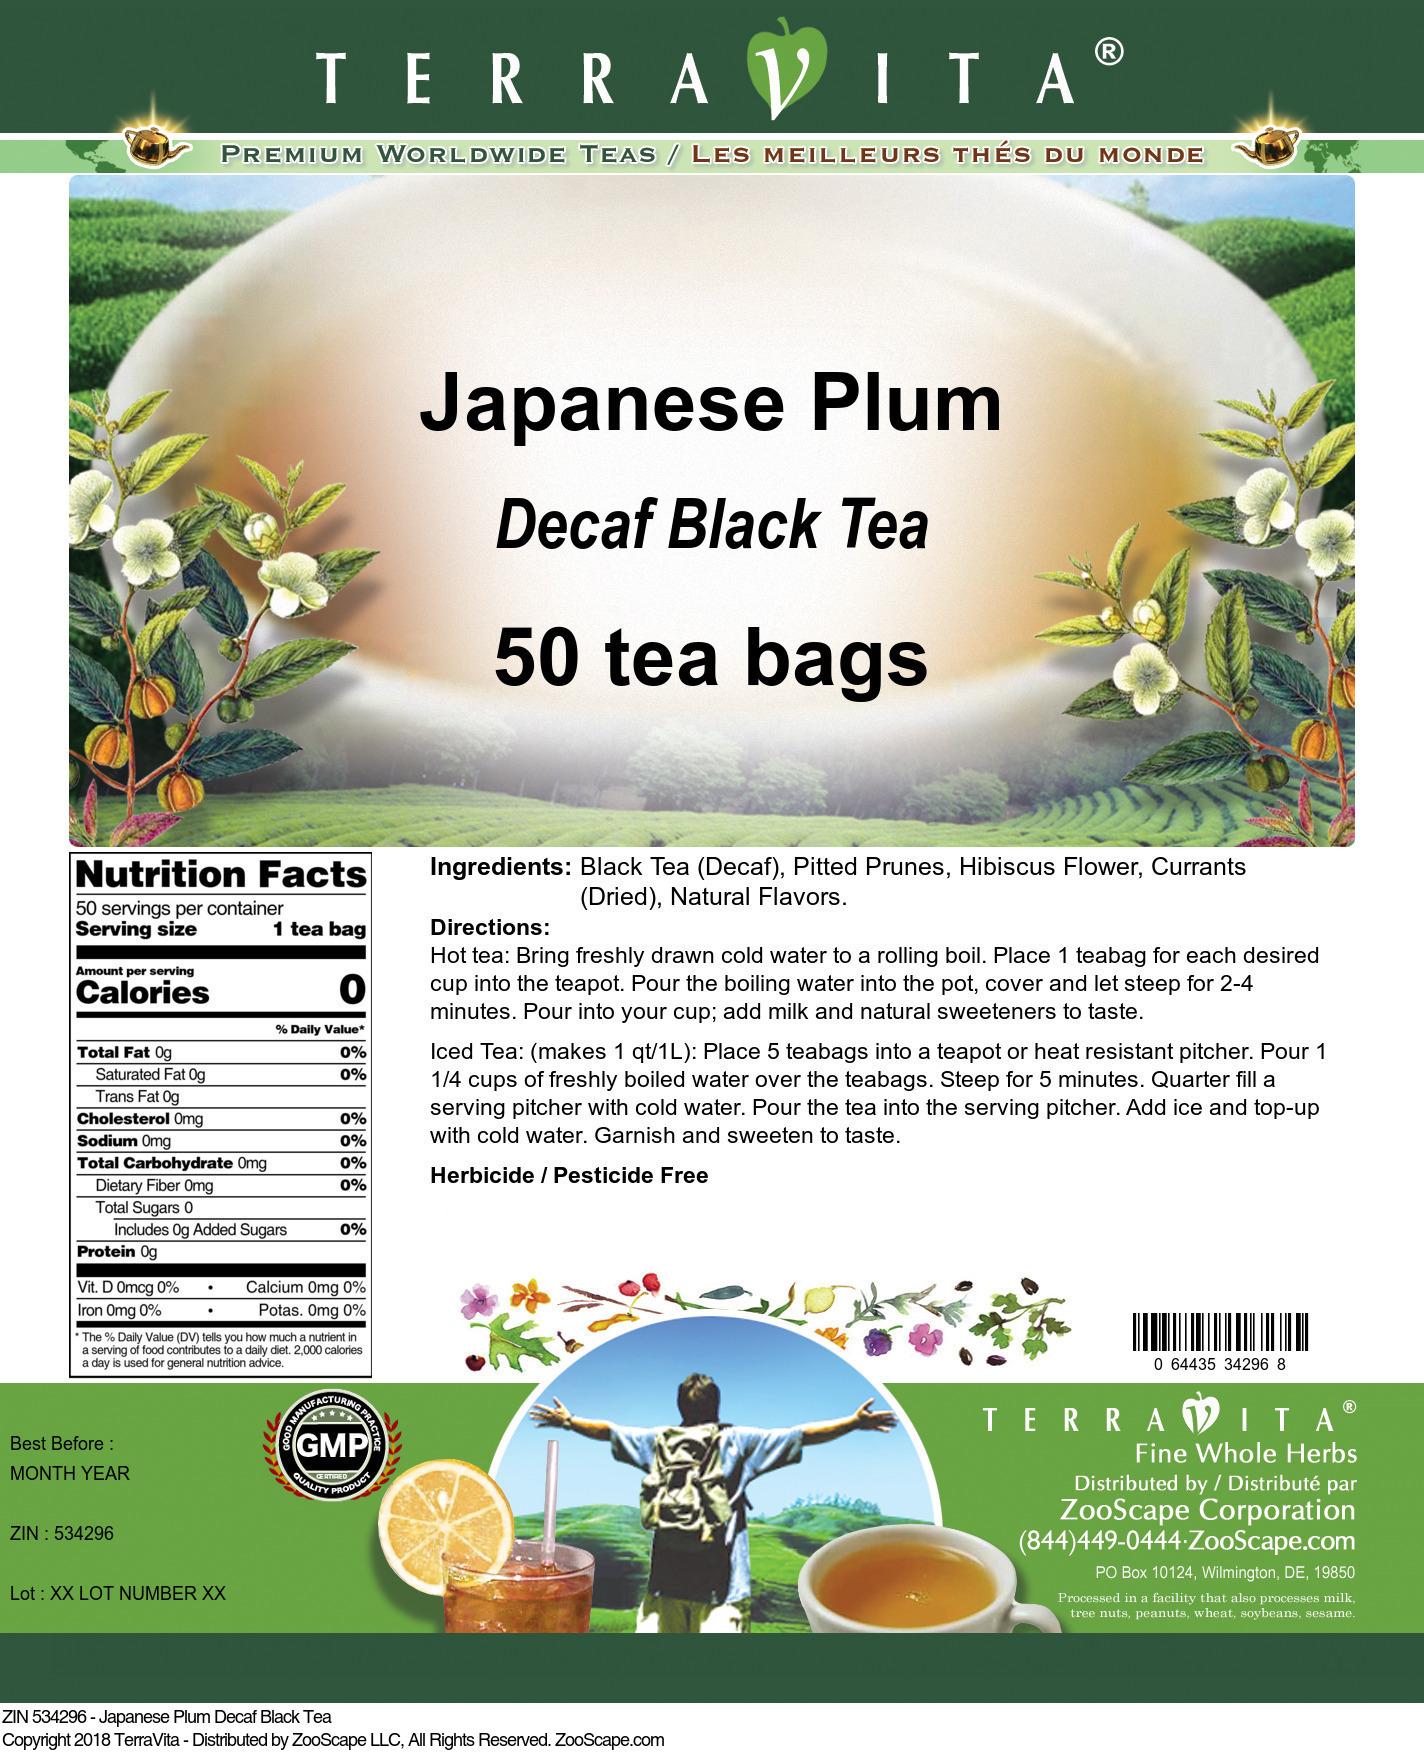 Japanese Plum Decaf Black Tea